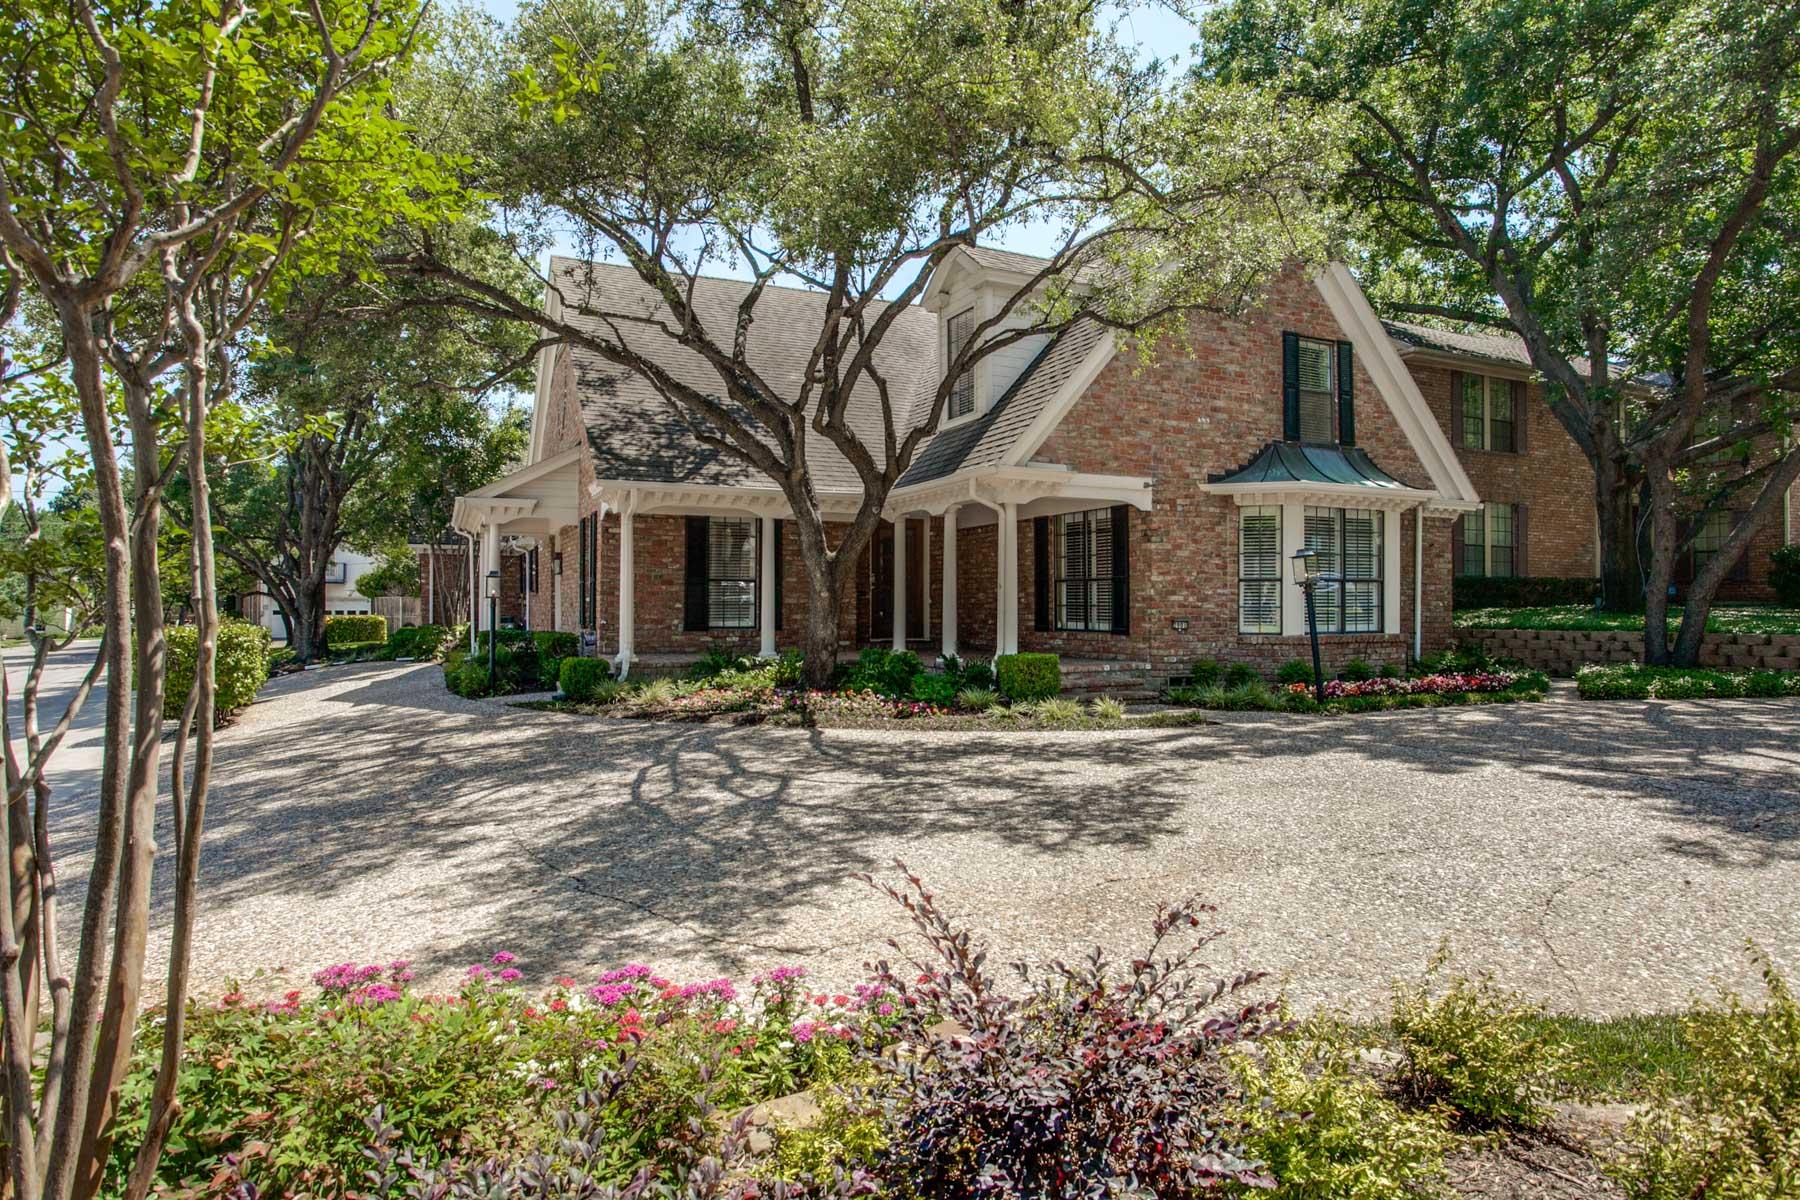 独户住宅 为 销售 在 Room to Grow 2901 Daniel Avenue 达拉斯, 得克萨斯州, 75205 美国